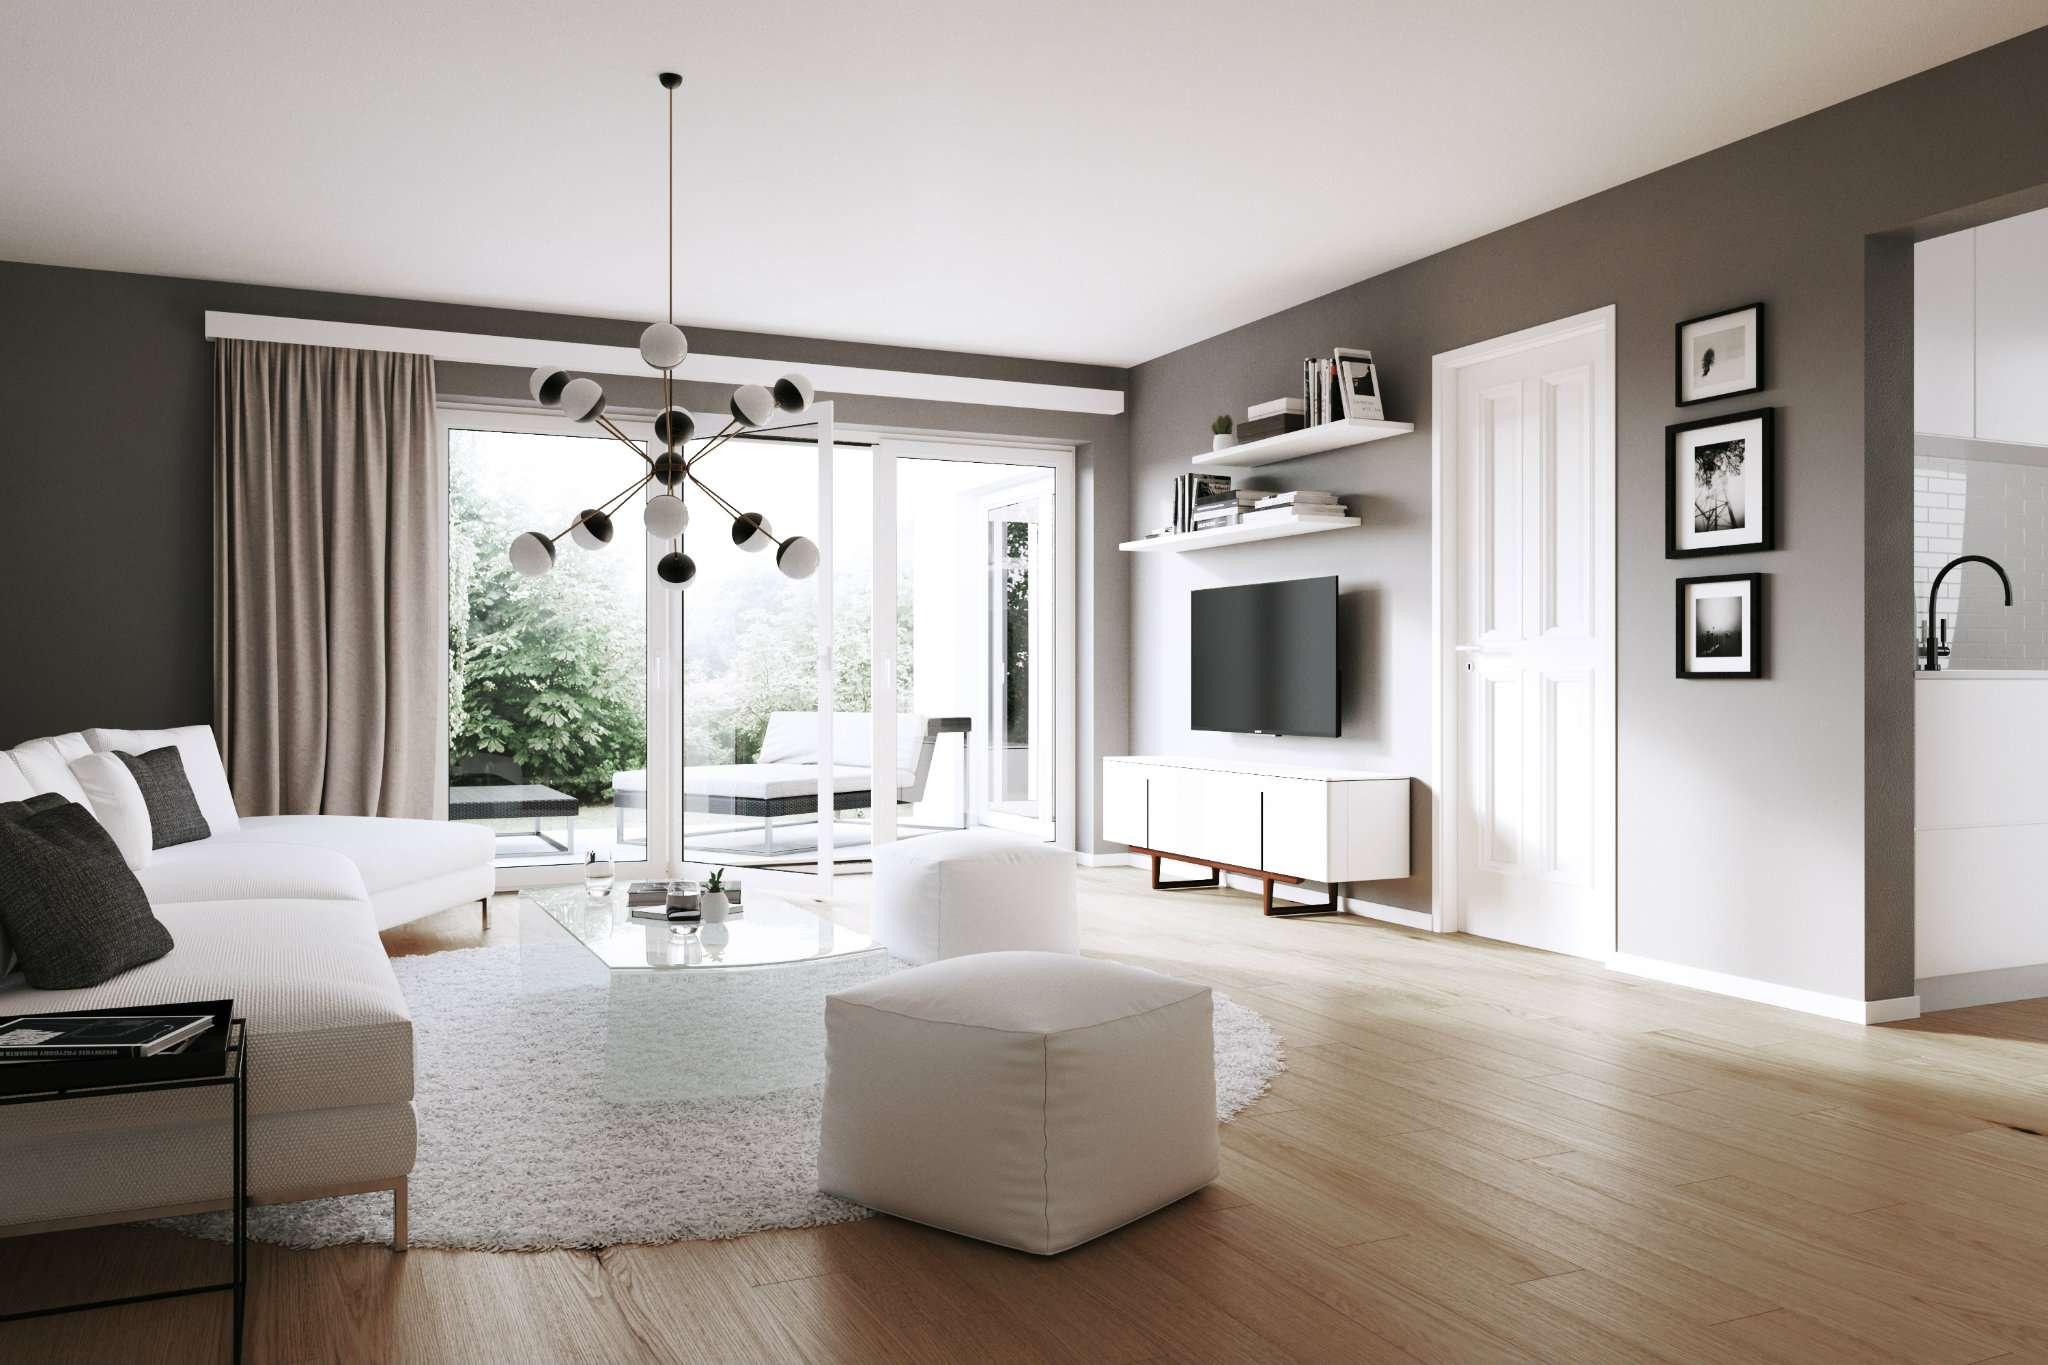 Appartamento in vendita a Carpi, 5 locali, prezzo € 296.000 | CambioCasa.it